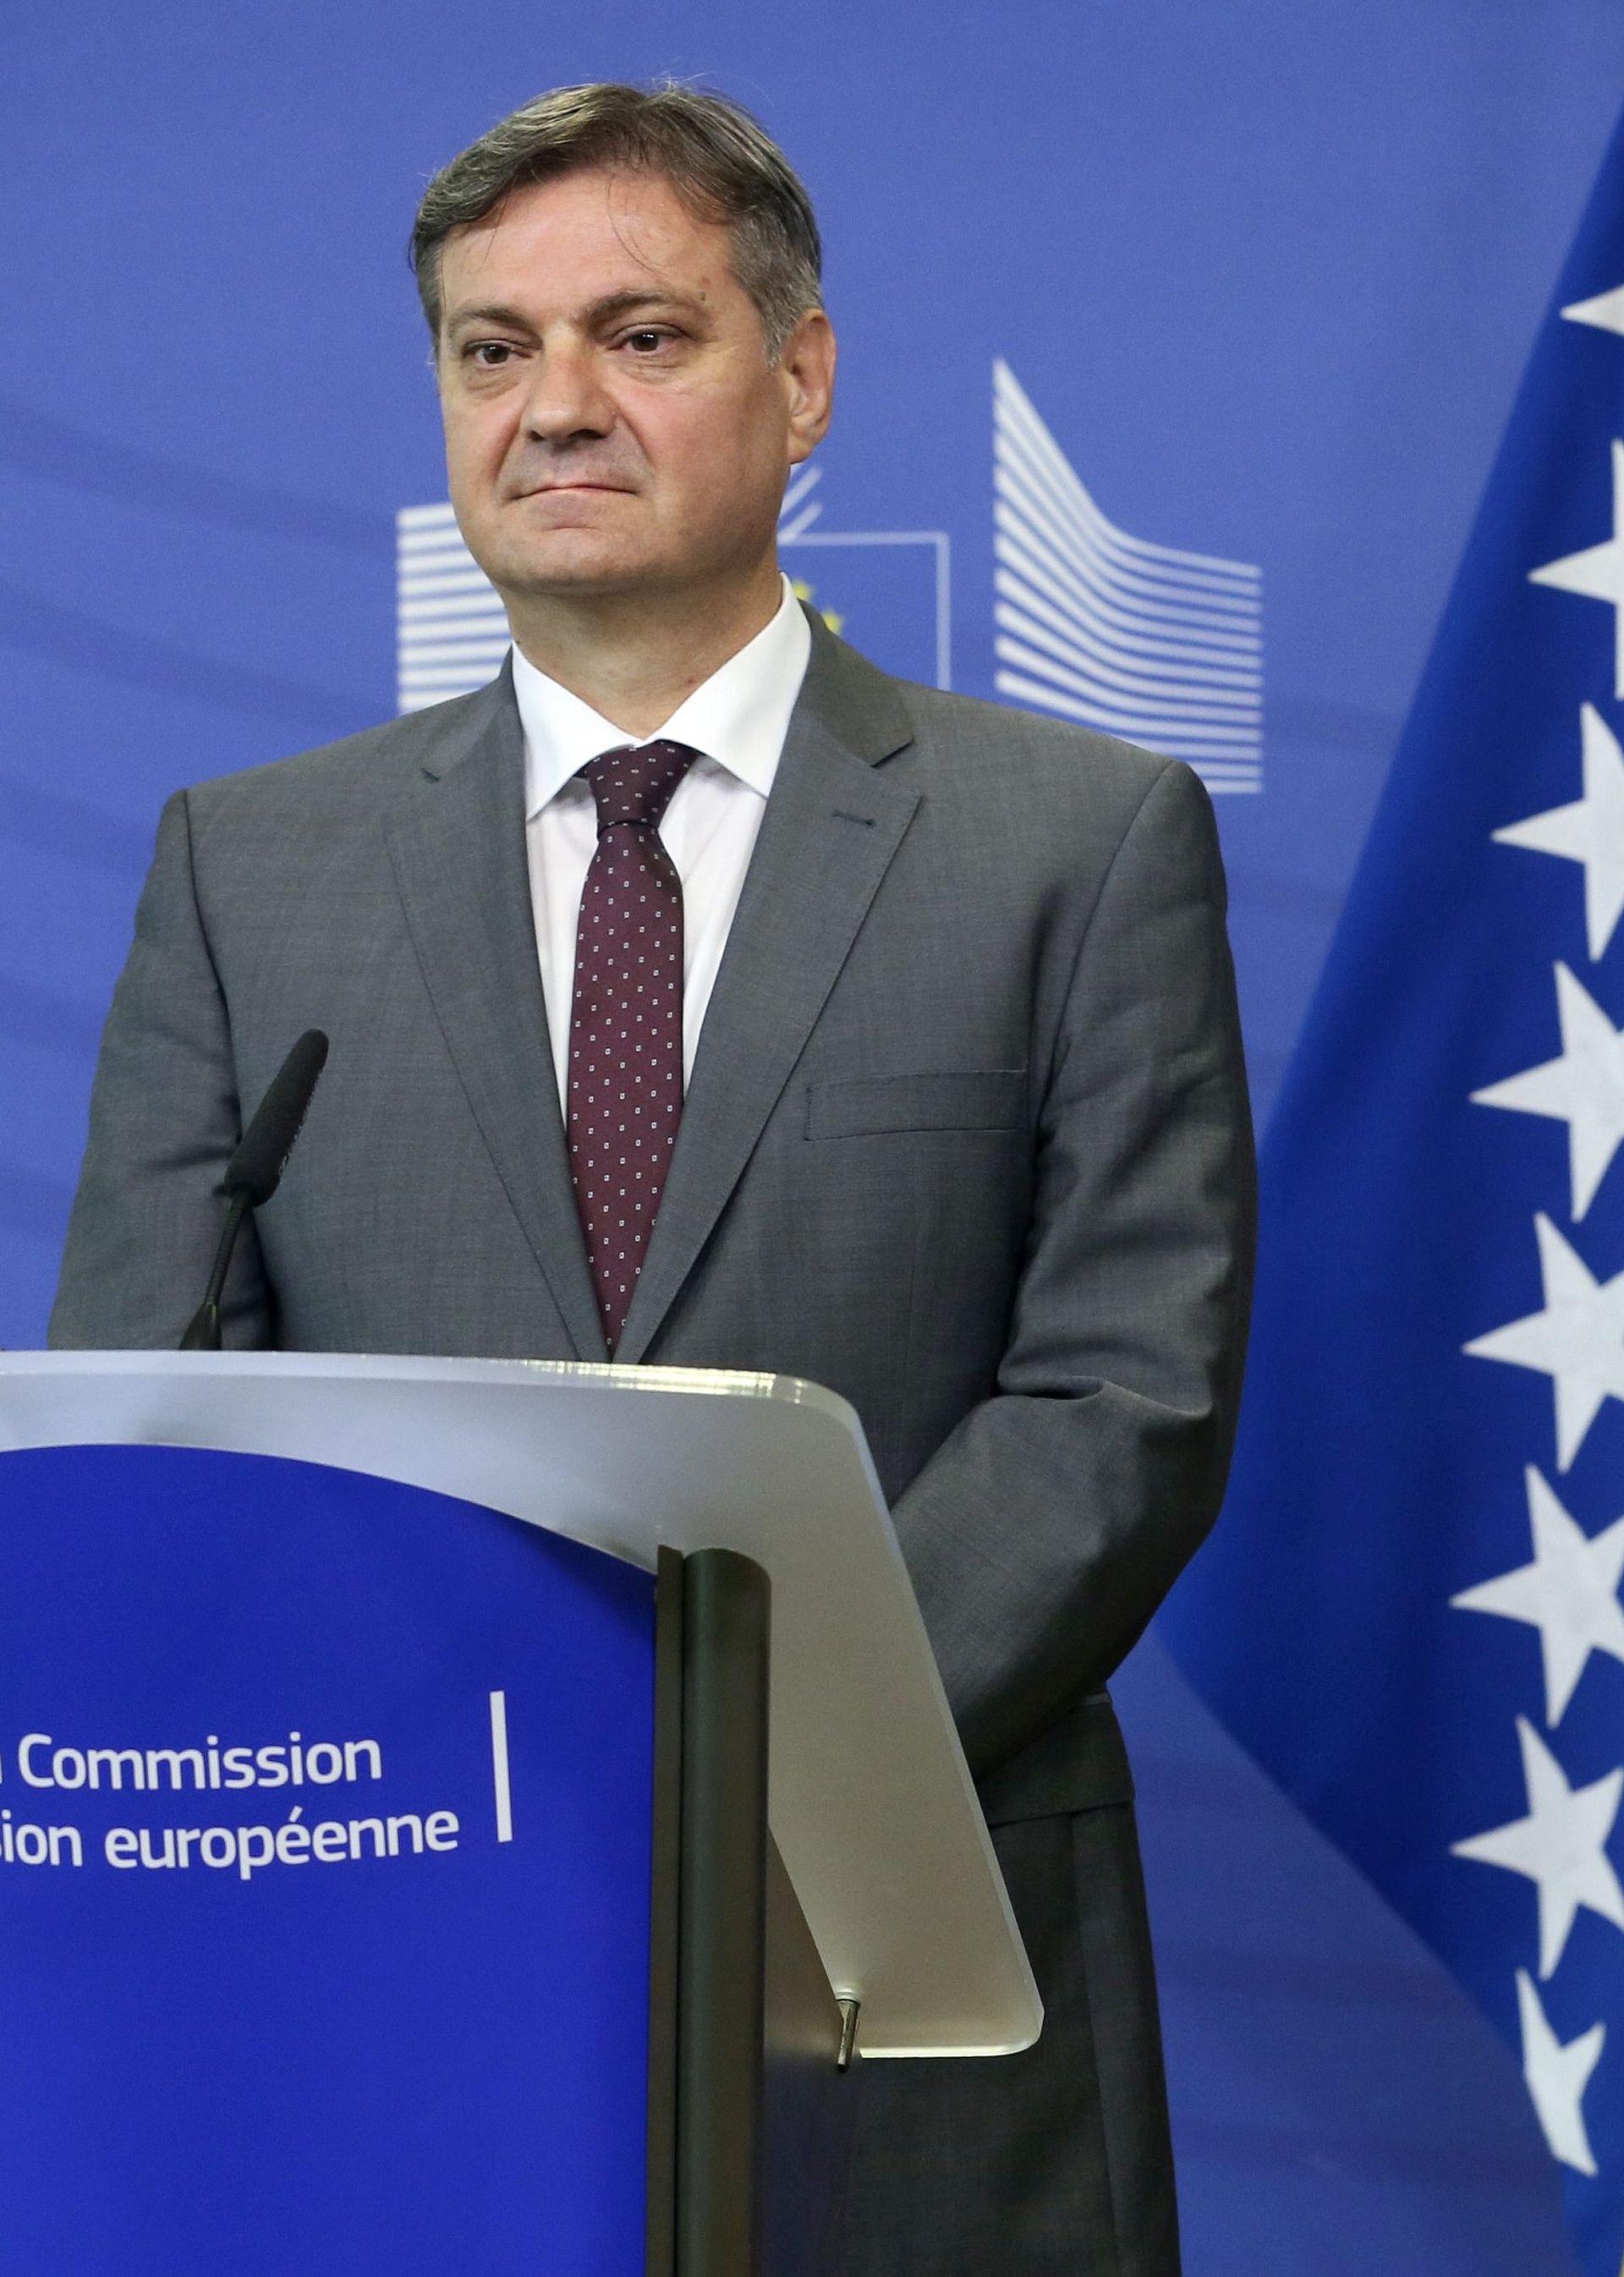 ZVIZDIĆ: Presuda Sejdić-Finci bit će provedena do dobivanja kandidatskog statusa